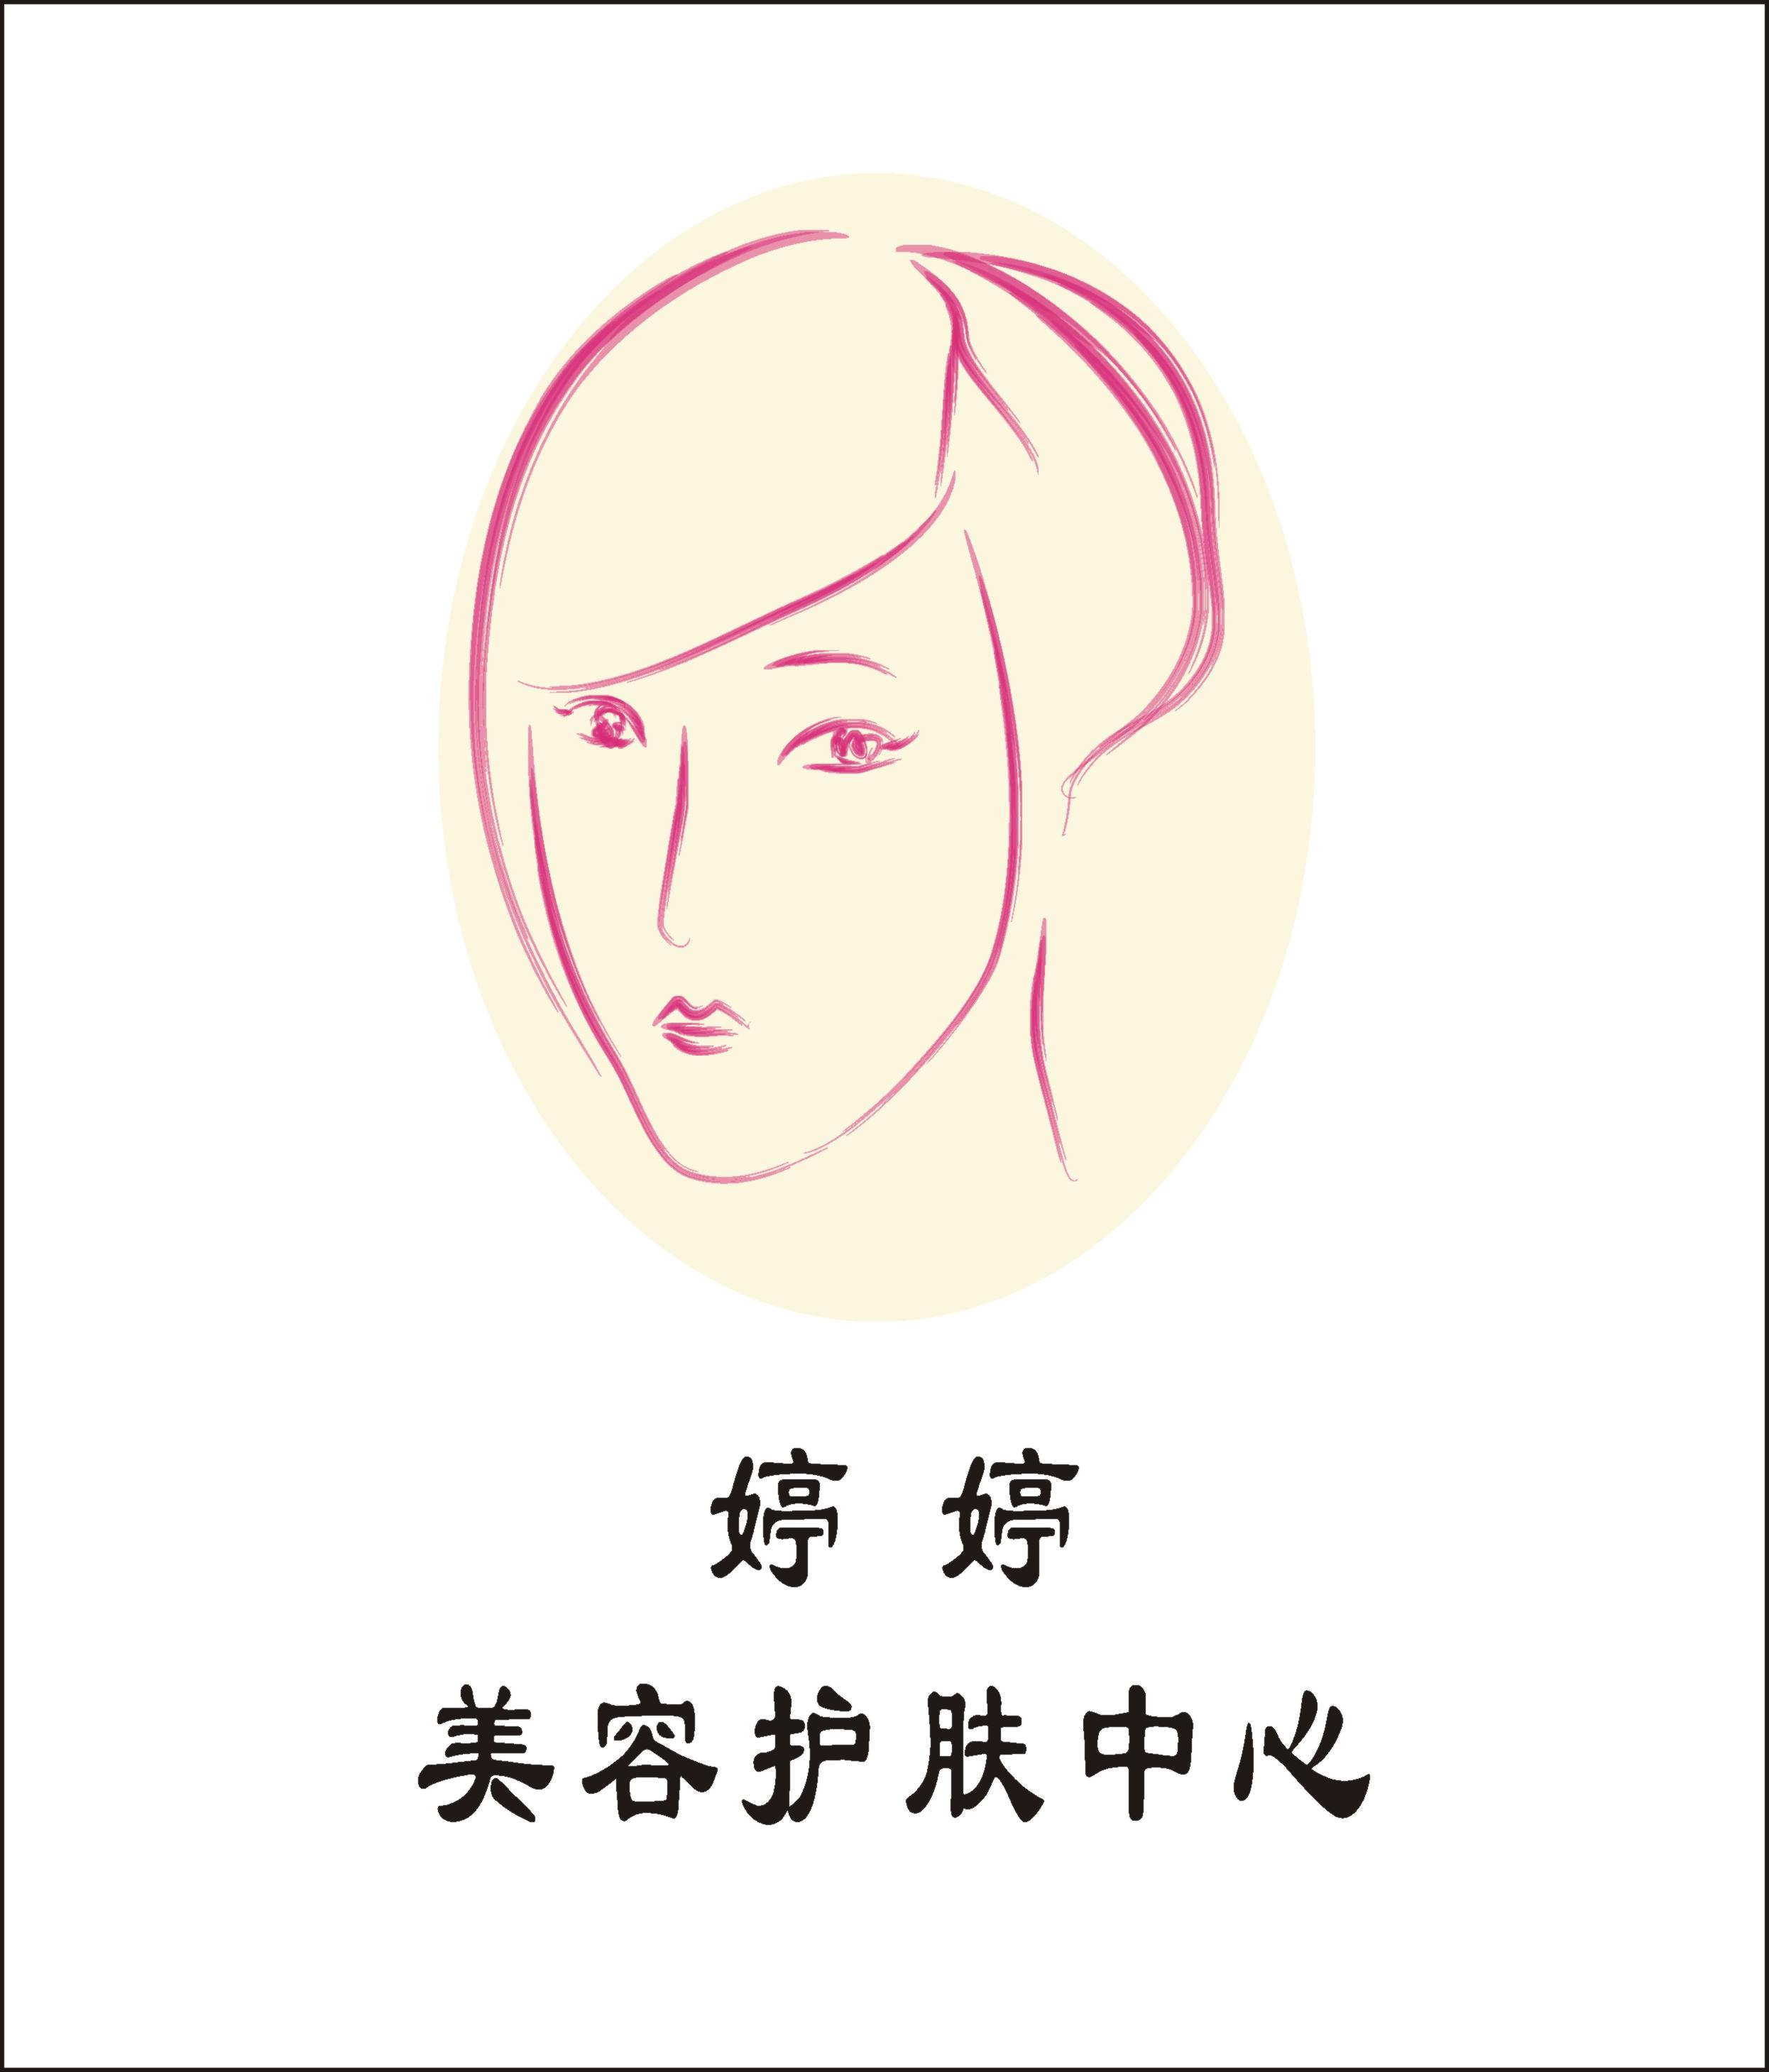 美容店logo设计_2637975_k68威客网